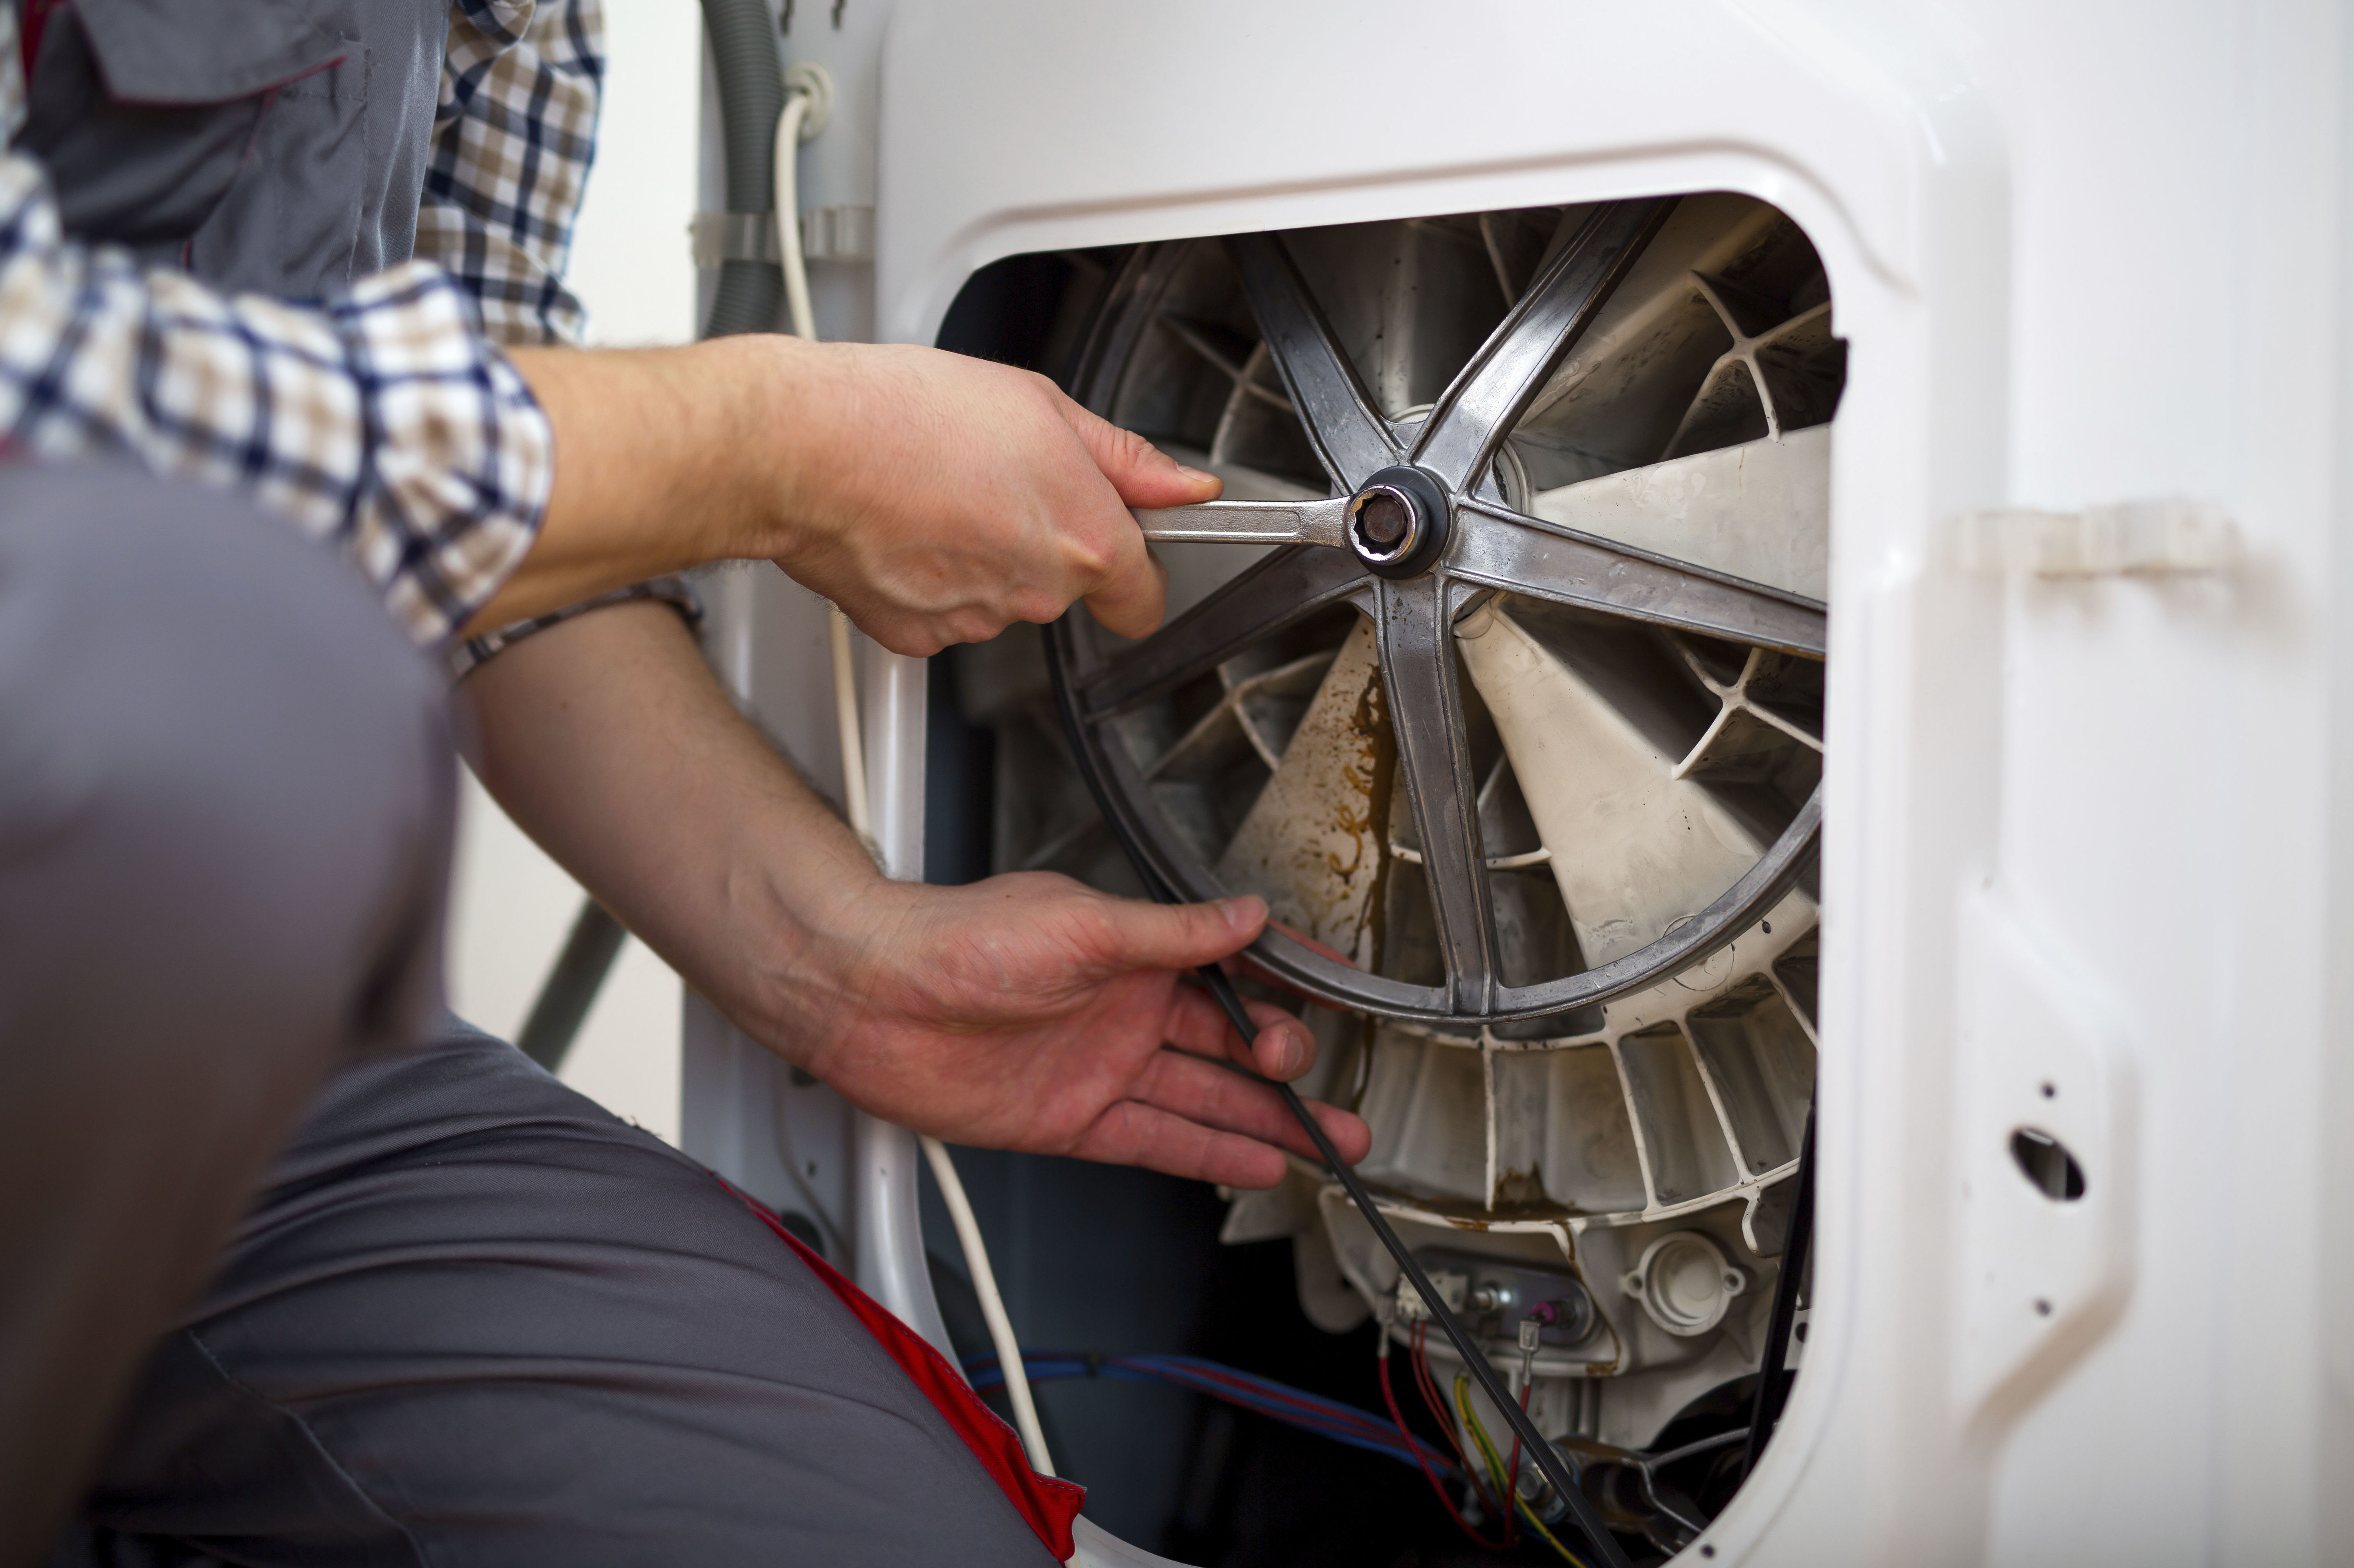 Reparación de electrodomésticos Tordera, lavadoras, neveras